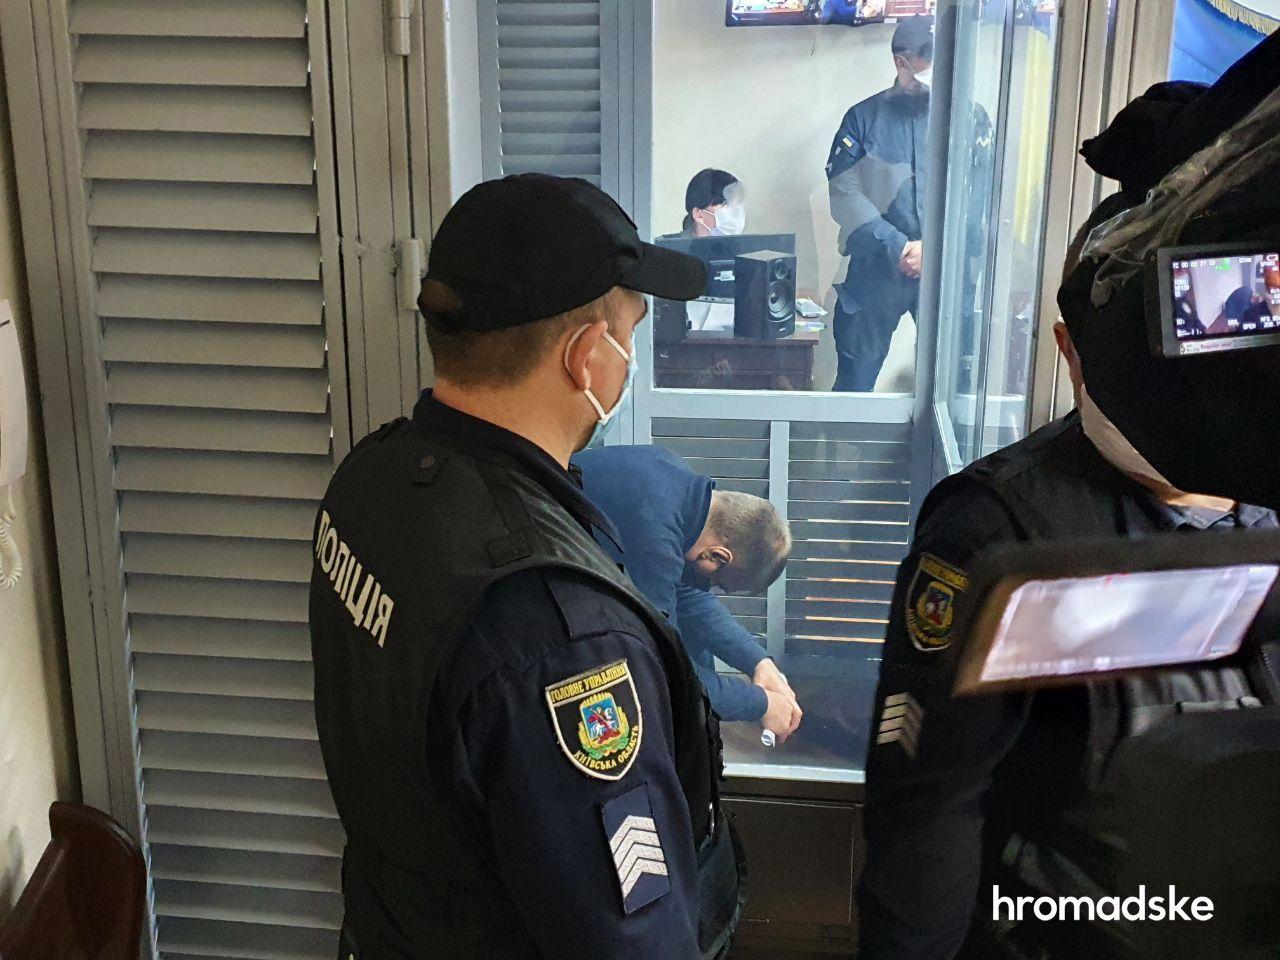 Подозреваемого в изнасиловании полицейского из Кагарлыка арестовали на два месяца